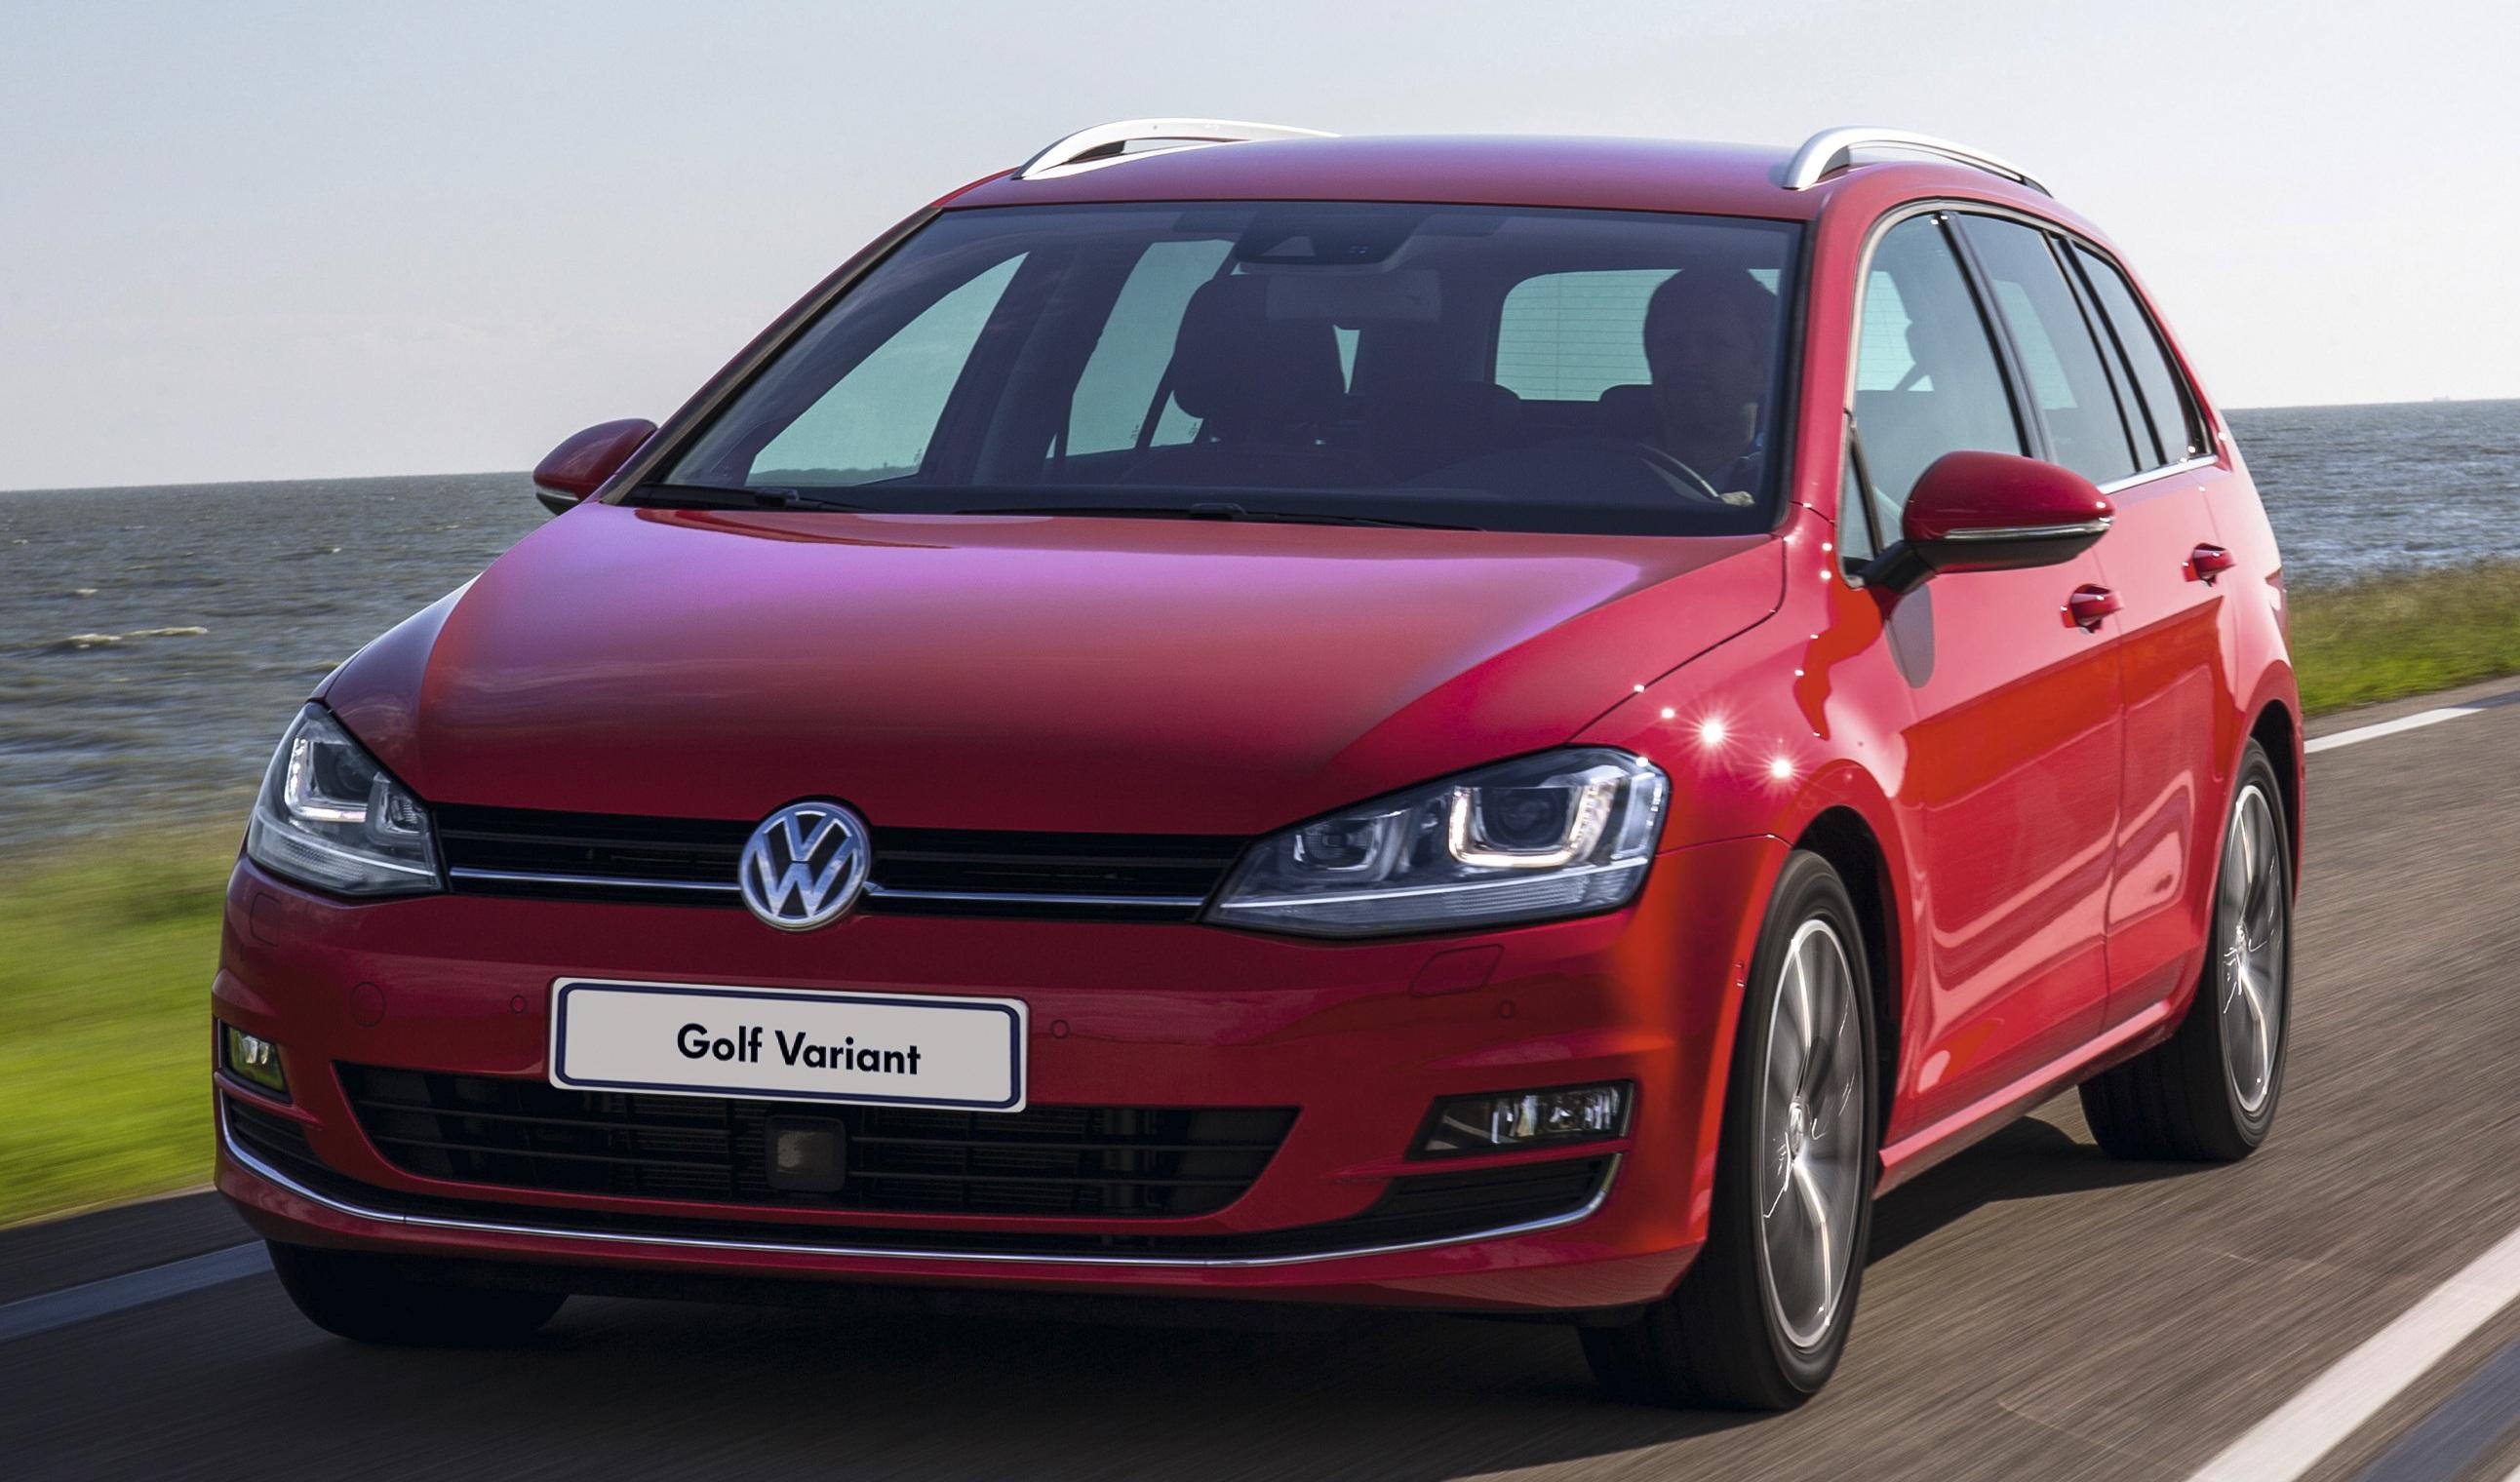 Volkswagen Golf Variant é eleita novamente como melhor negócio da categoria na edição Qual Comprar 2017